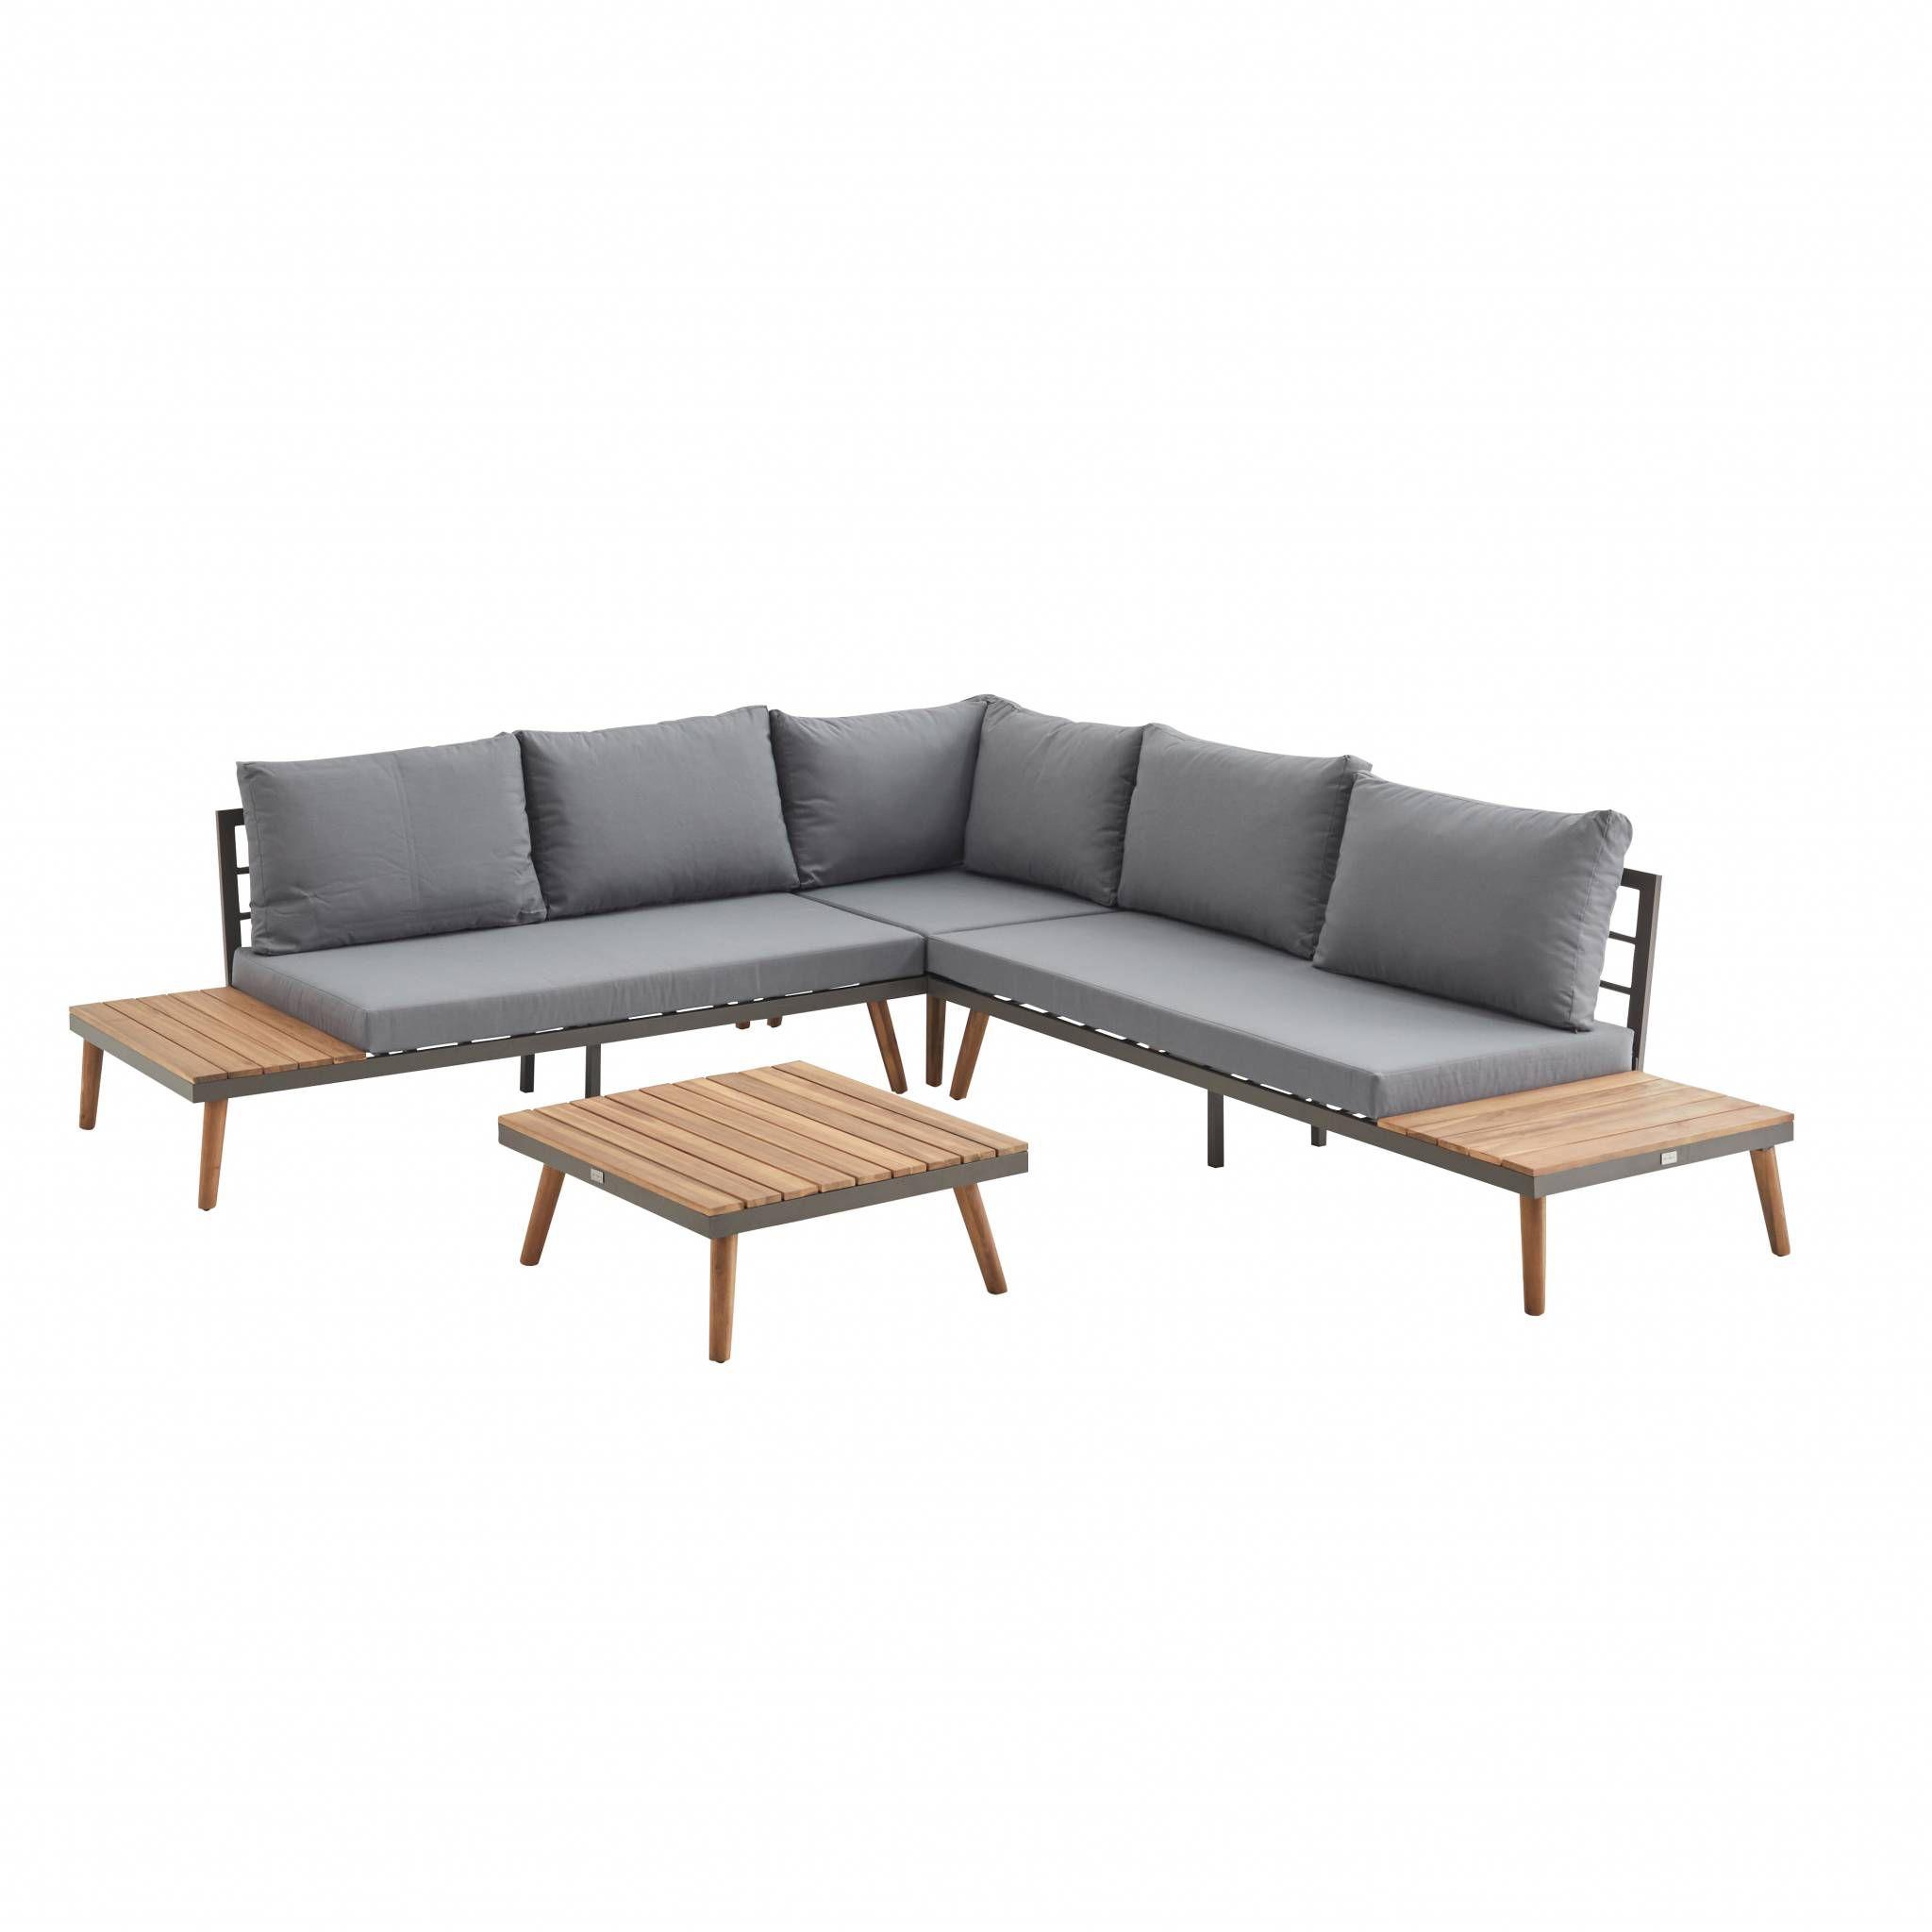 Salon de jardin en bois 5 places - Buenos Aires - Coussins gris, canapé d'angle, tablettes latérales et table basse en acacia,